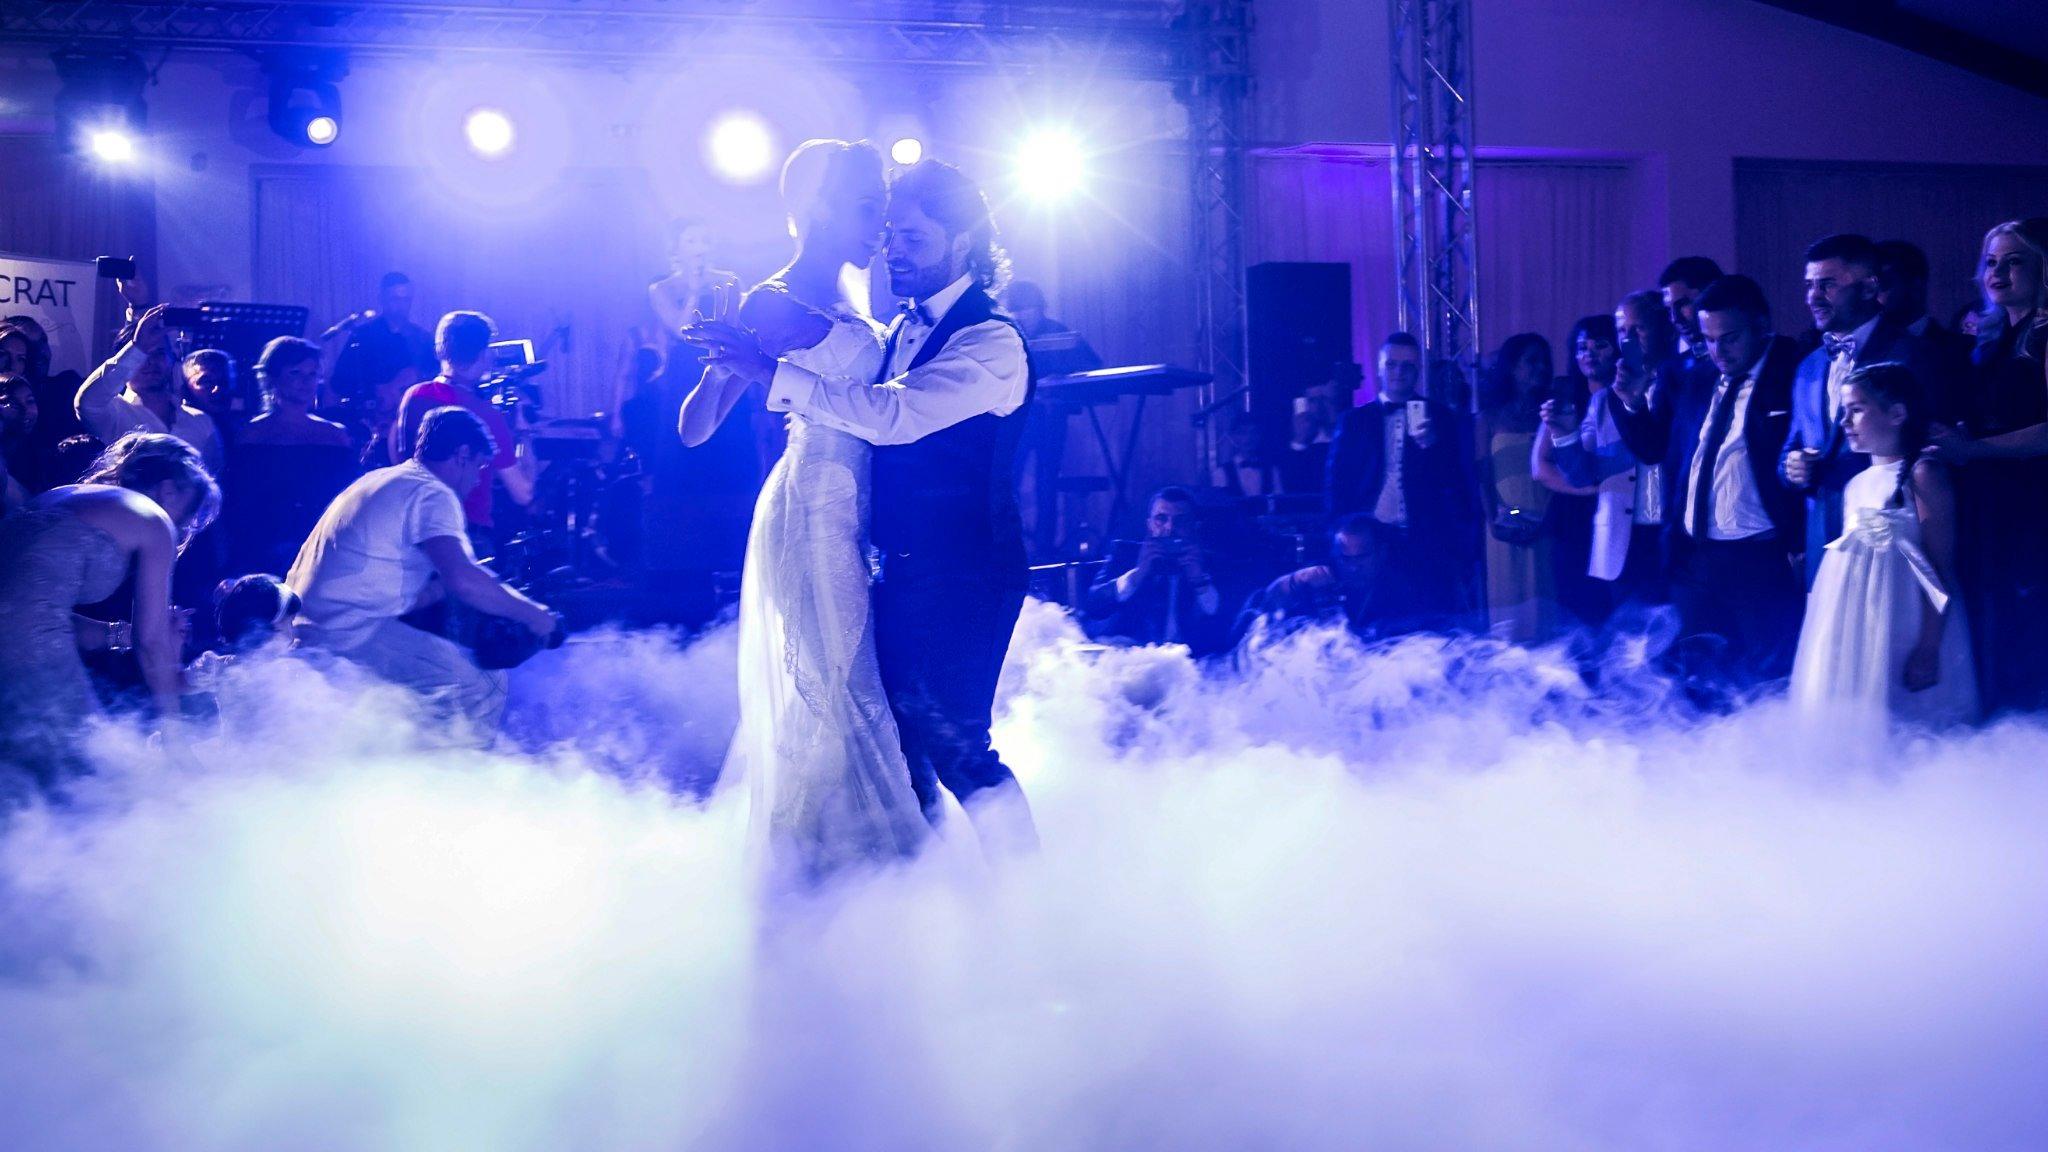 Cantaretul si frumoasa lui sotie au impresionat pe toata lumea cu valsul mirilor